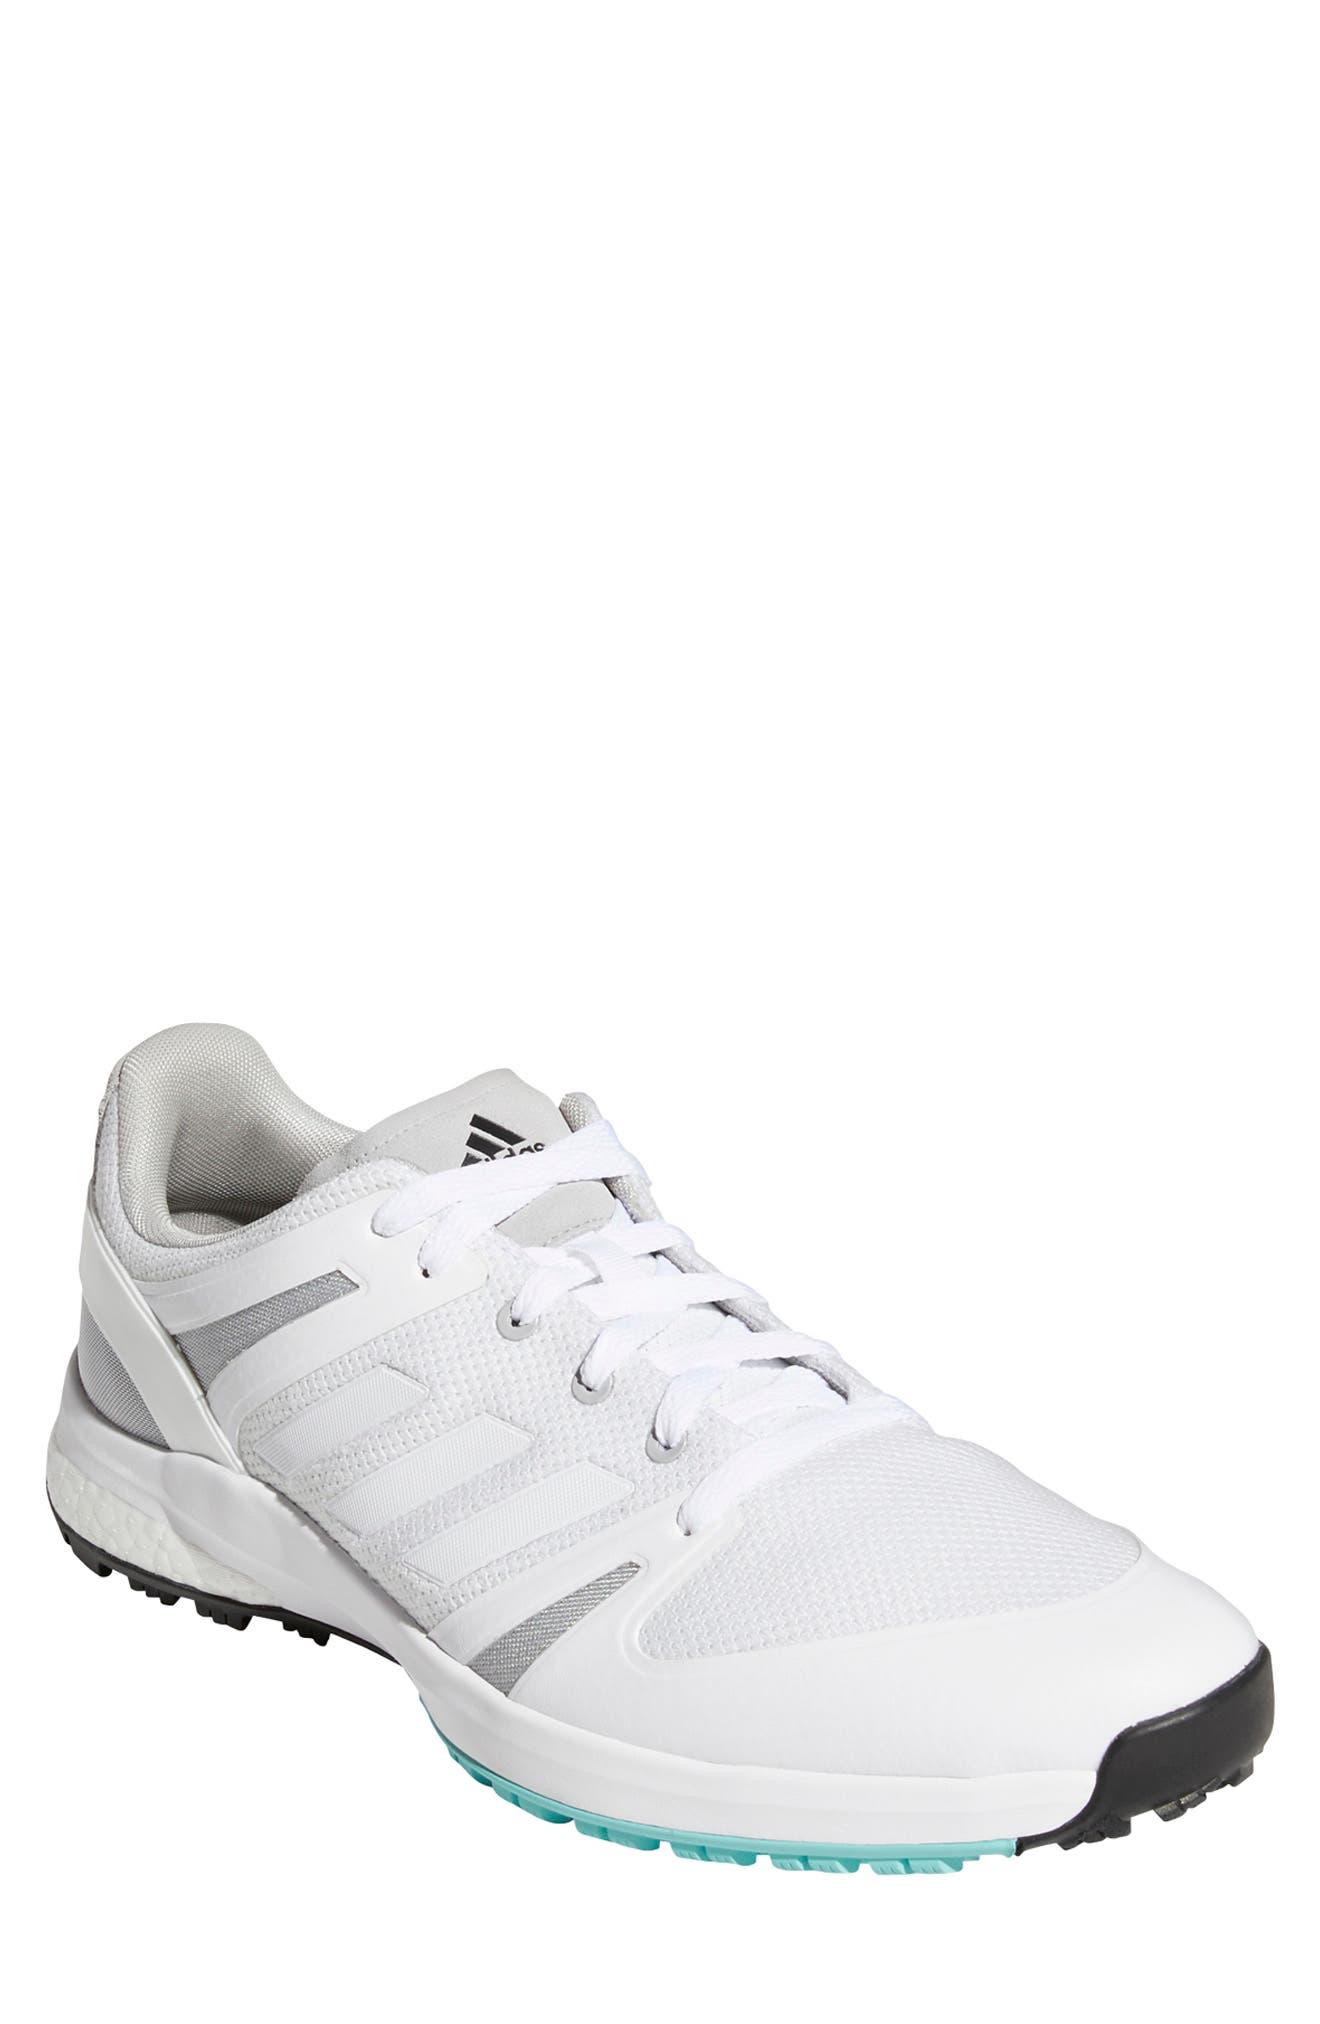 Eqt Primegreen Spikeless Waterproof Golf Shoe